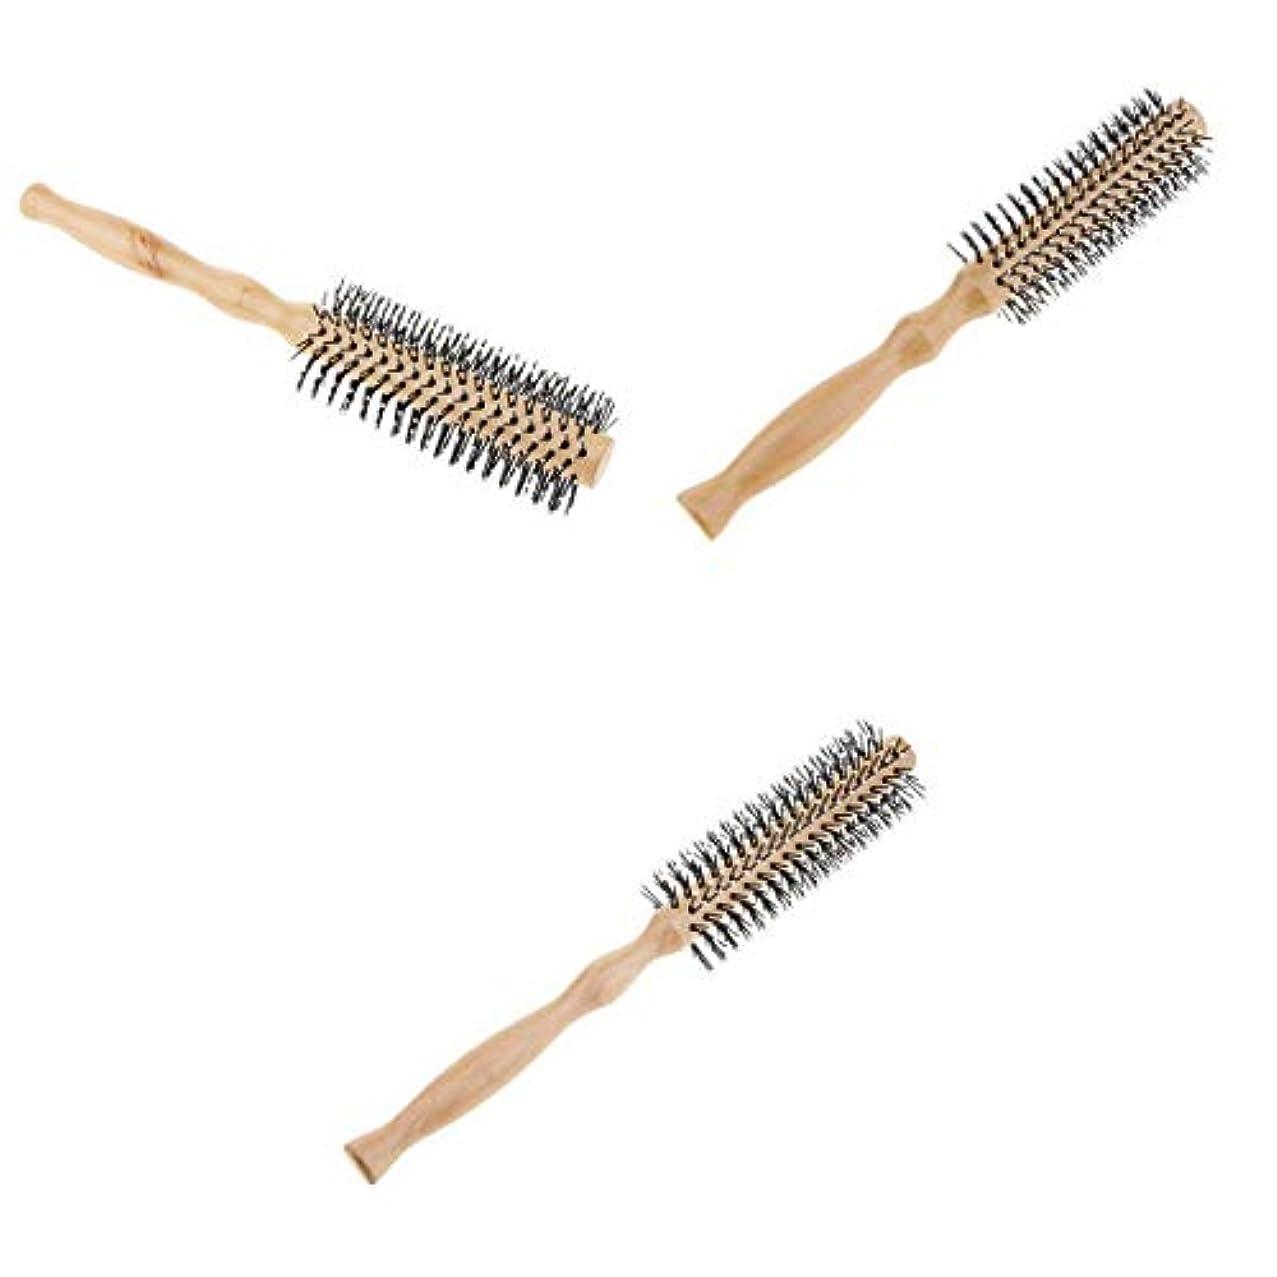 エミュレートするチョコレート神のロールブラシ ヘアブラシ 木製櫛 スタイリングブラシ 巻き髪 静電気防止 3本セット